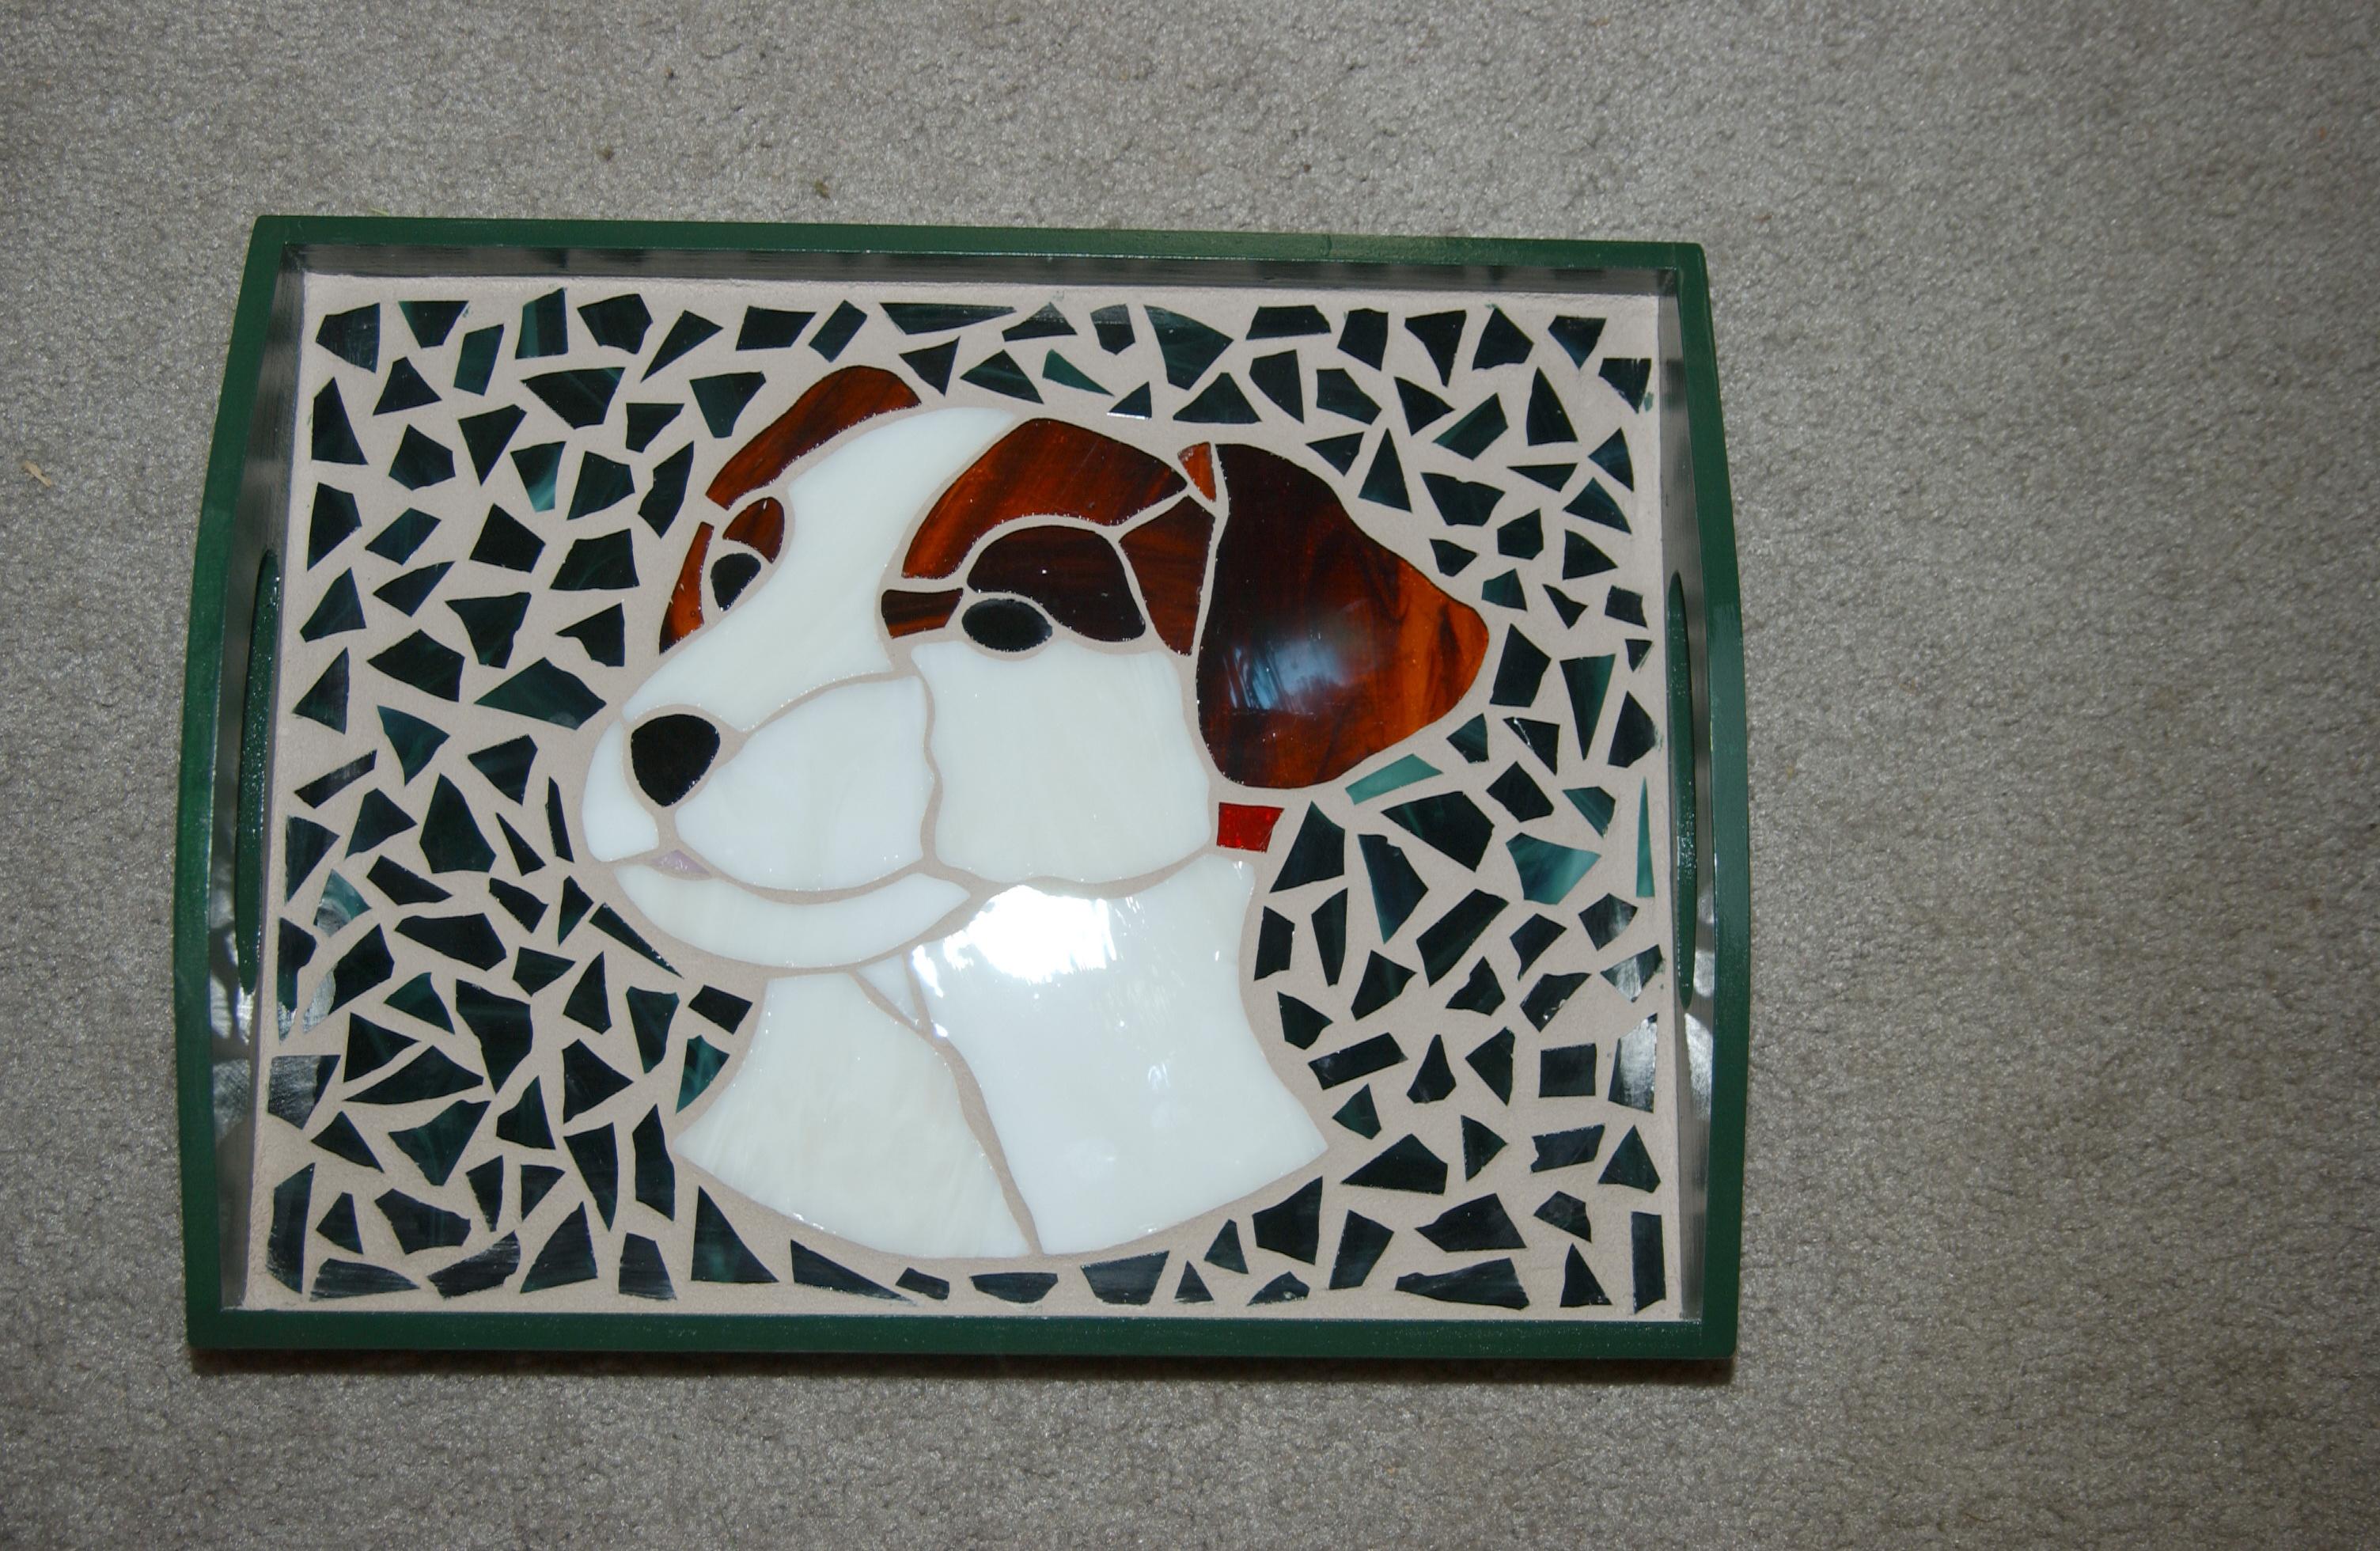 https://0201.nccdn.net/4_2/000/000/06b/a1b/08-14-07-Wooden-JRT-Mosaic-Tray-Green-1-3008x1960.jpg